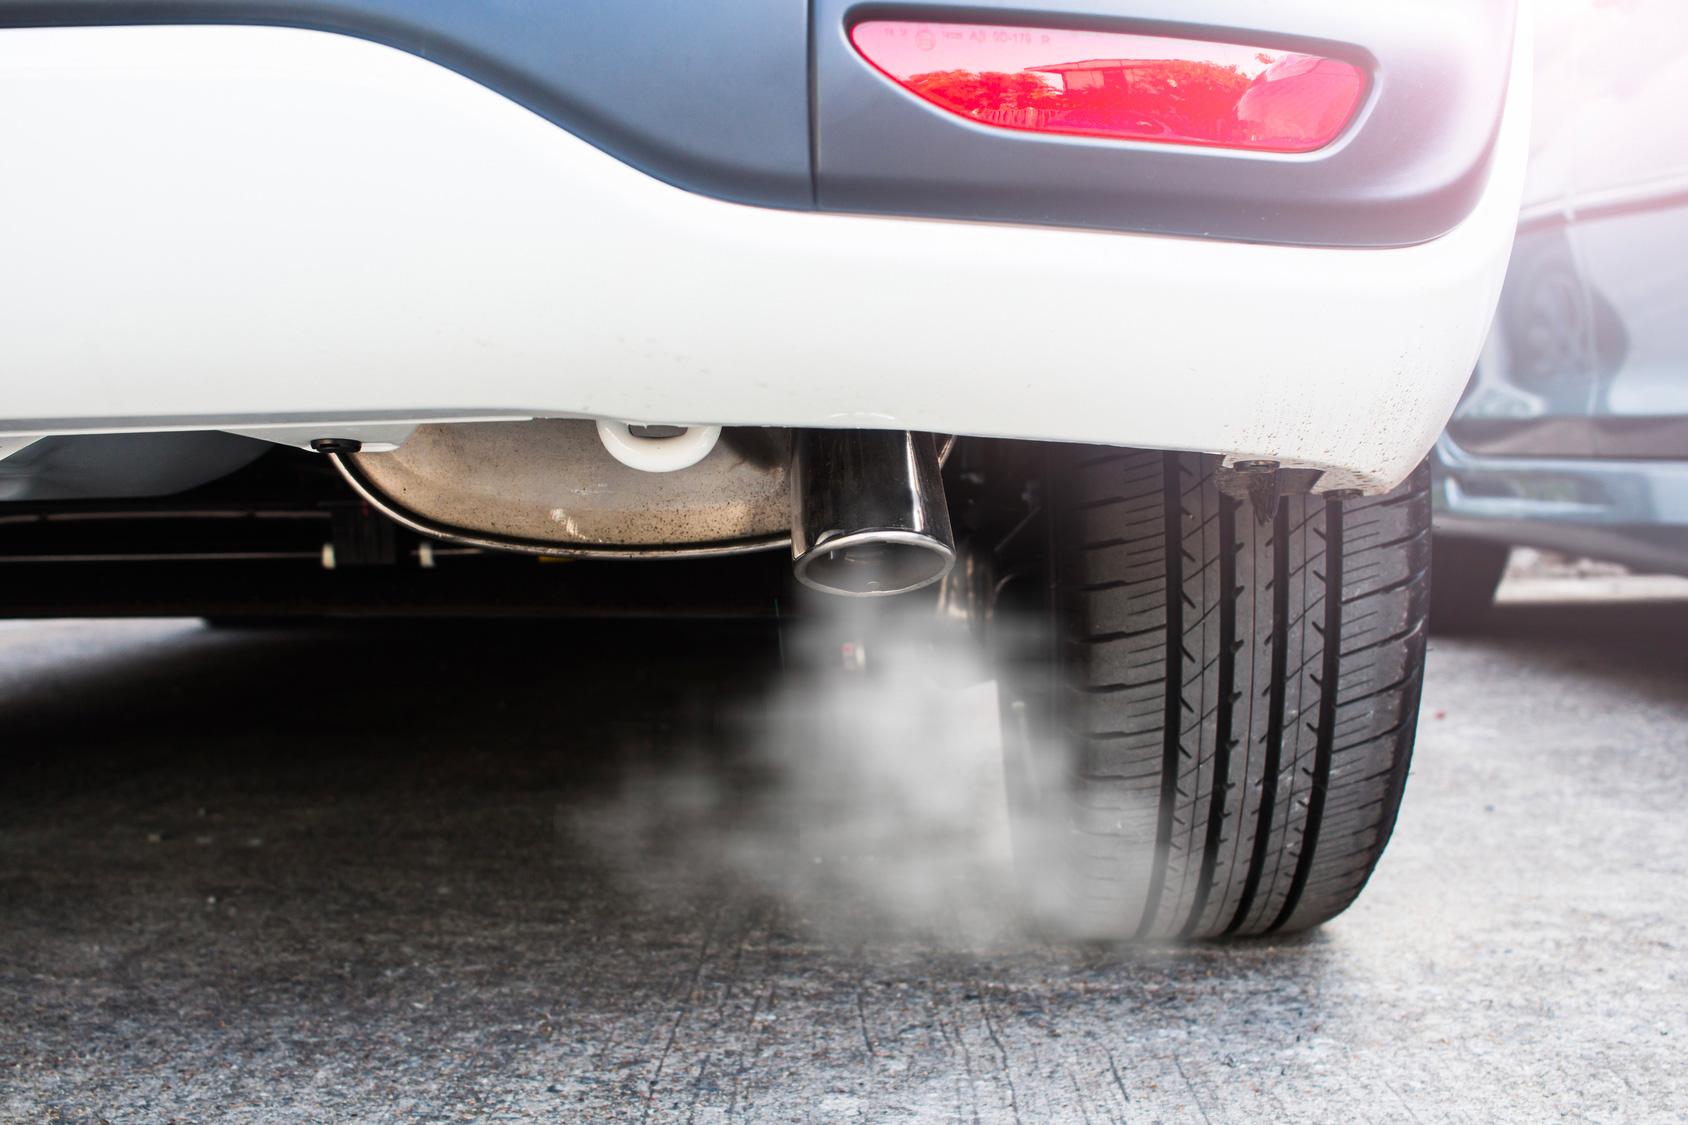 gaz d'échappement voiture - Hesion Gaz